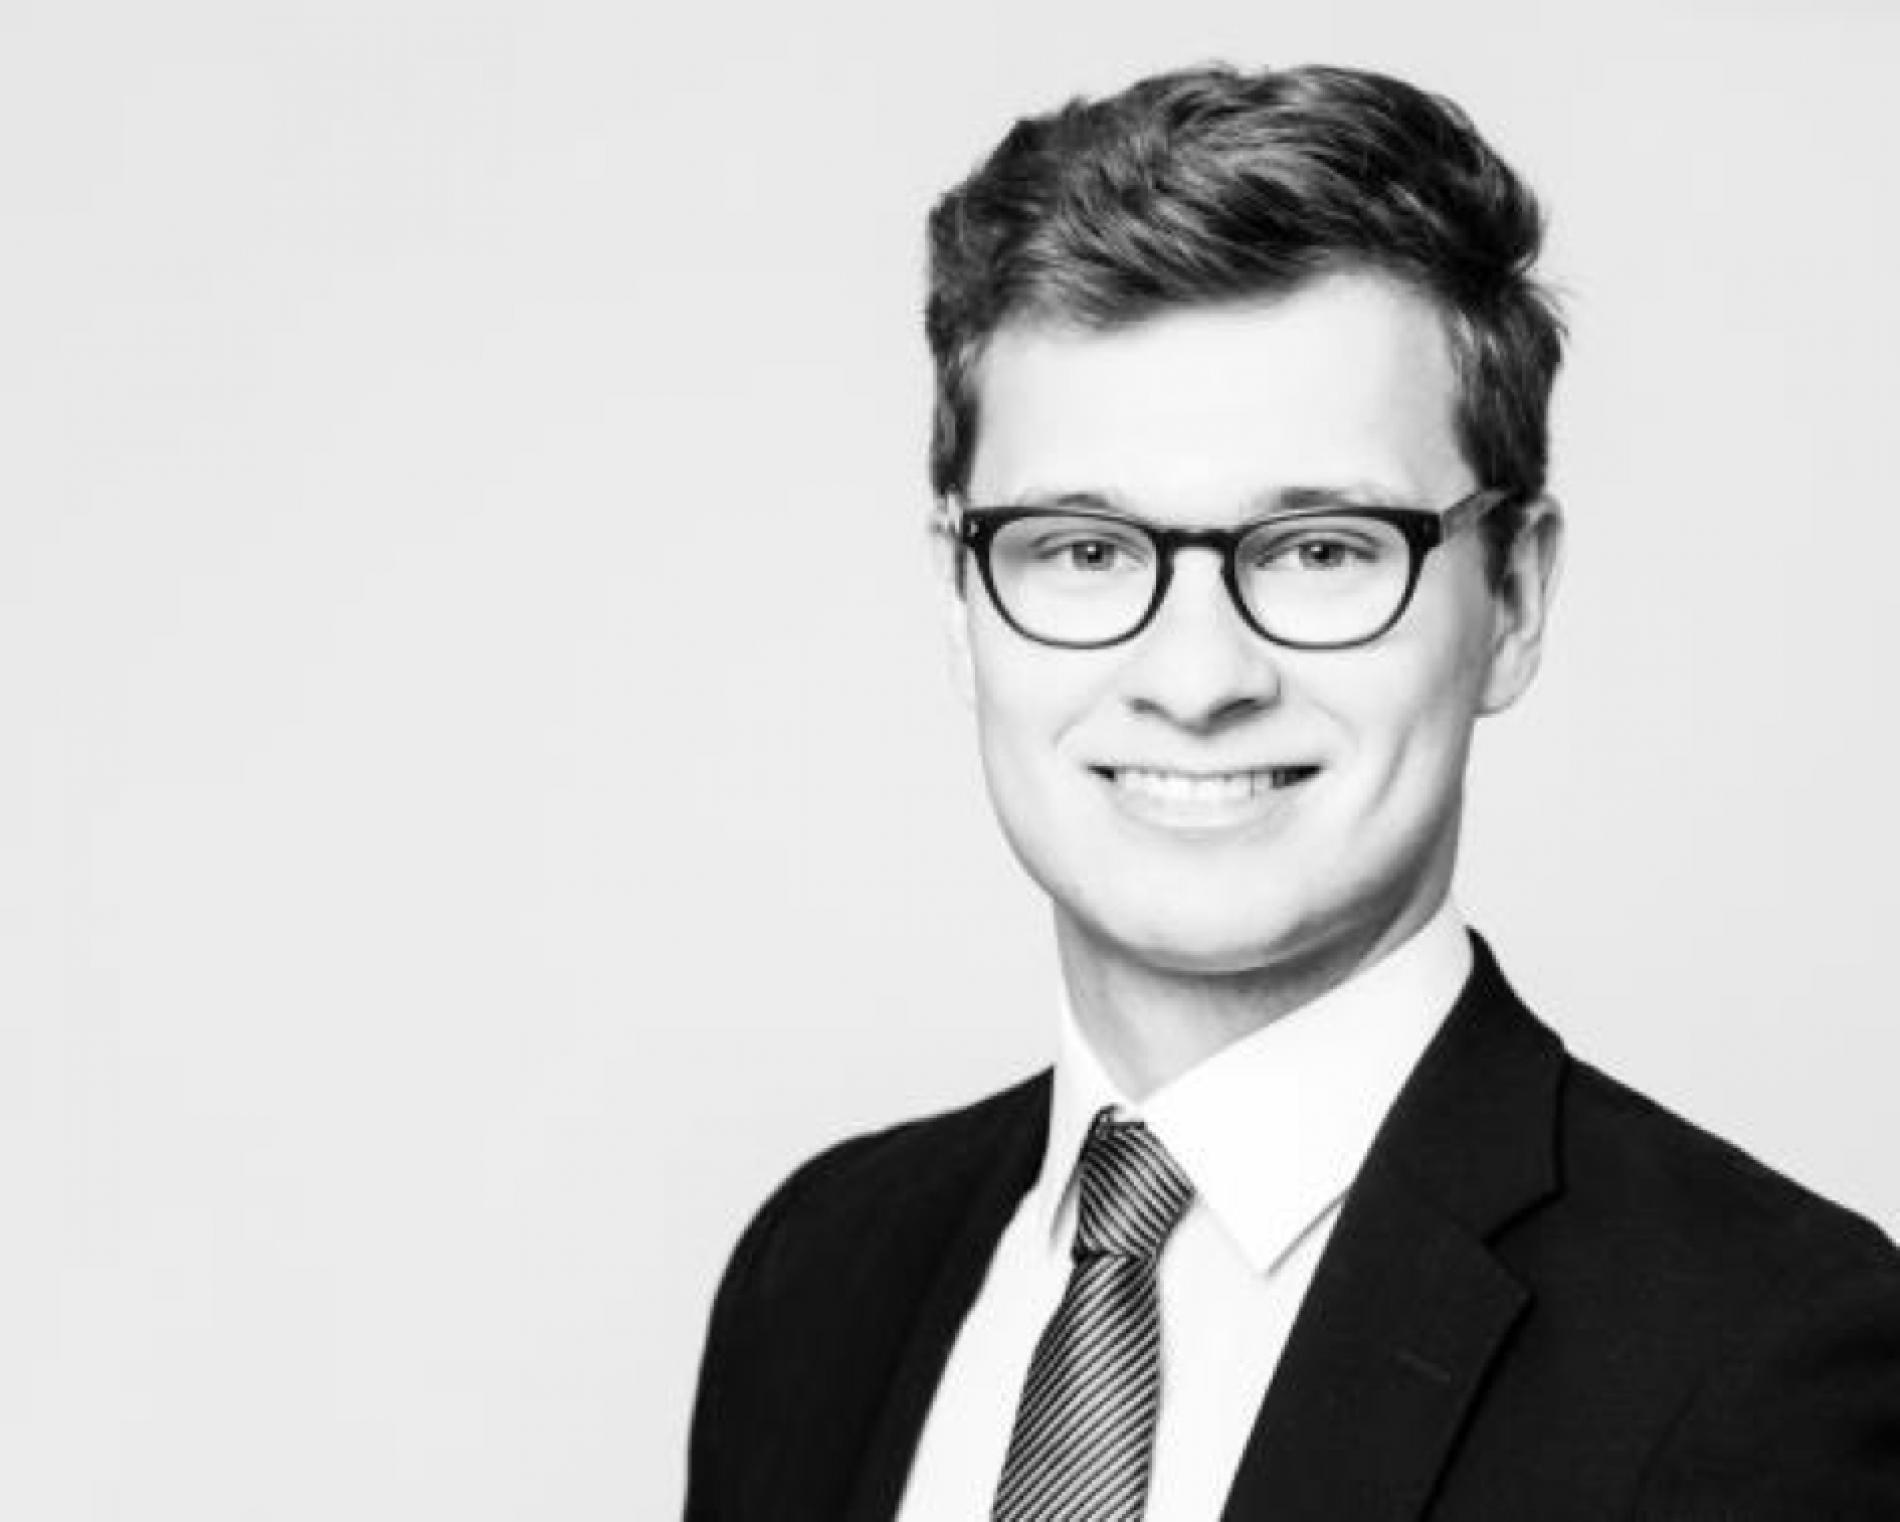 Fabian Bücheler